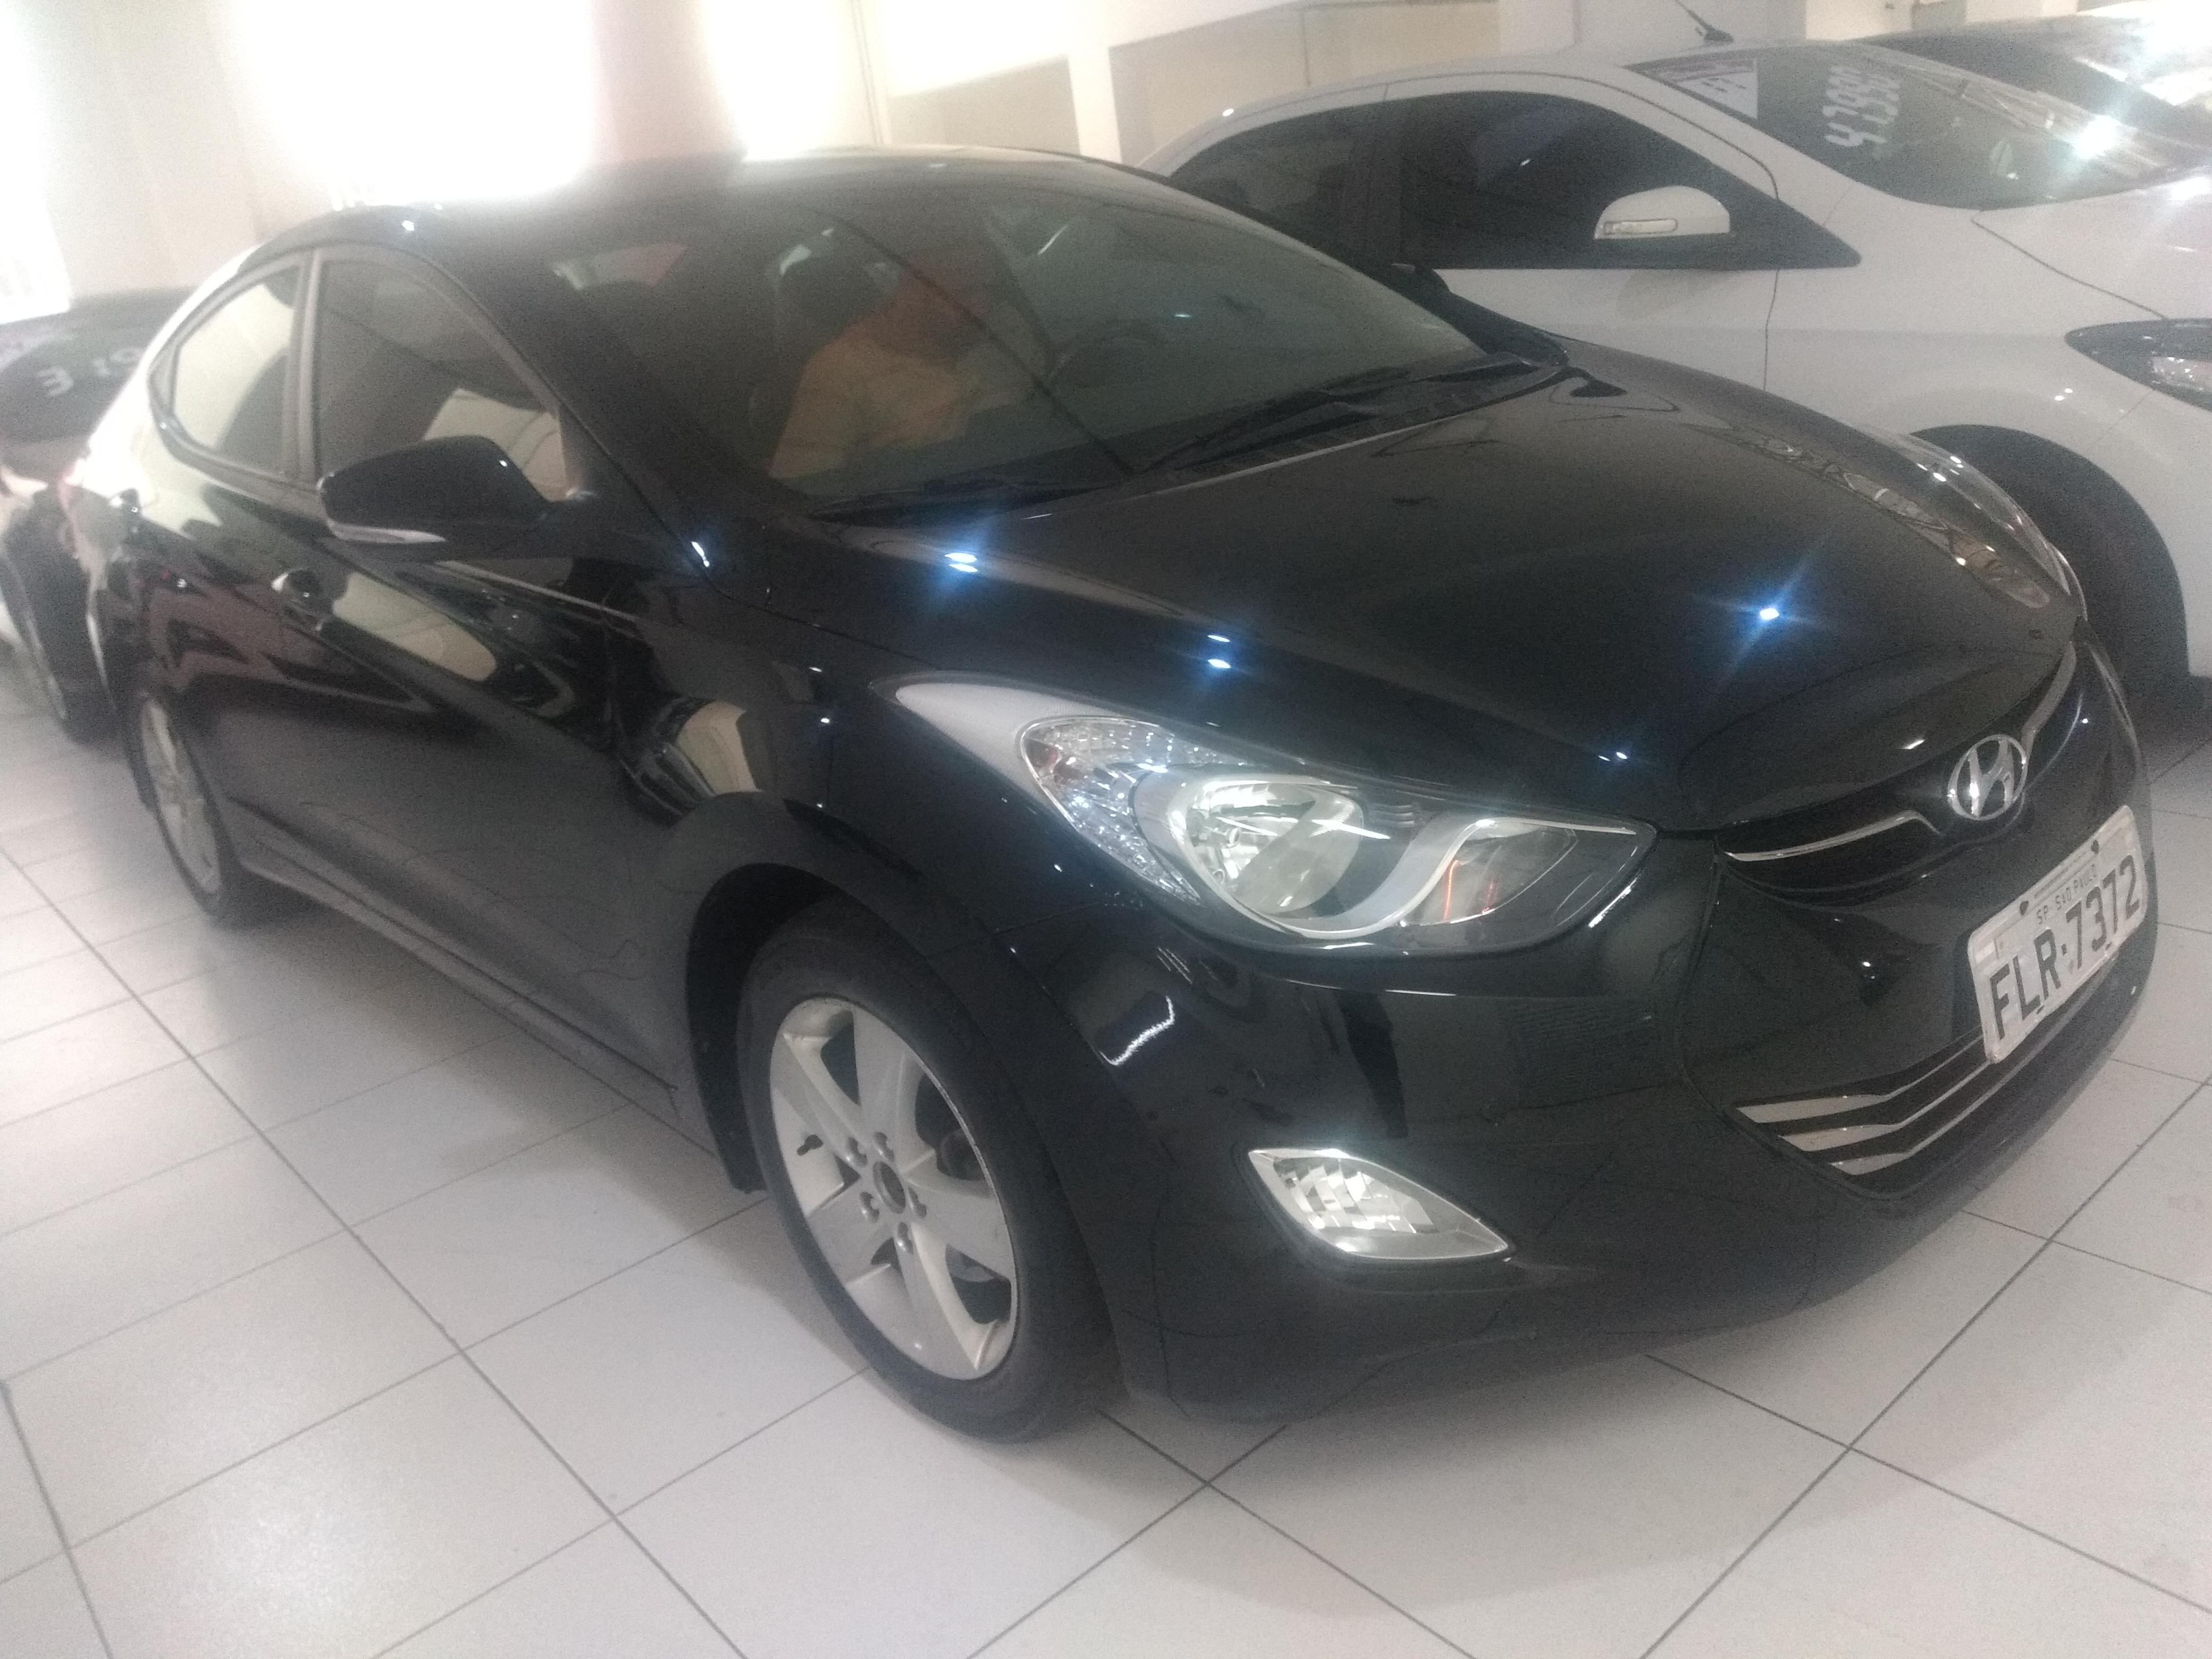 FIAT AMAZONAS IPIRANGA AV.NAZARE ,1070 IPIRANGA VENDEDOR MARCOS CEL/SAP 11-940006972 RAMAL 11-21443021...VEICULO COM LAUDO APROVADO E GARANTIA....